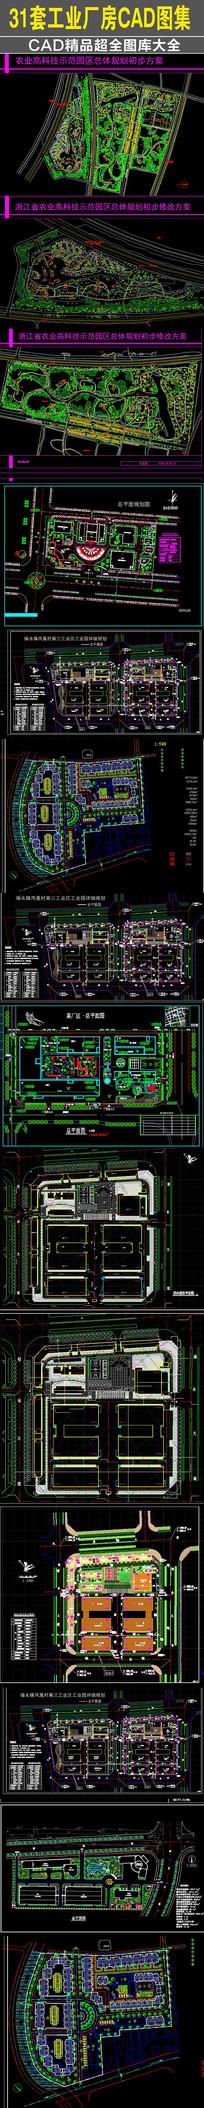 31套工业绿植园厂房CAD图